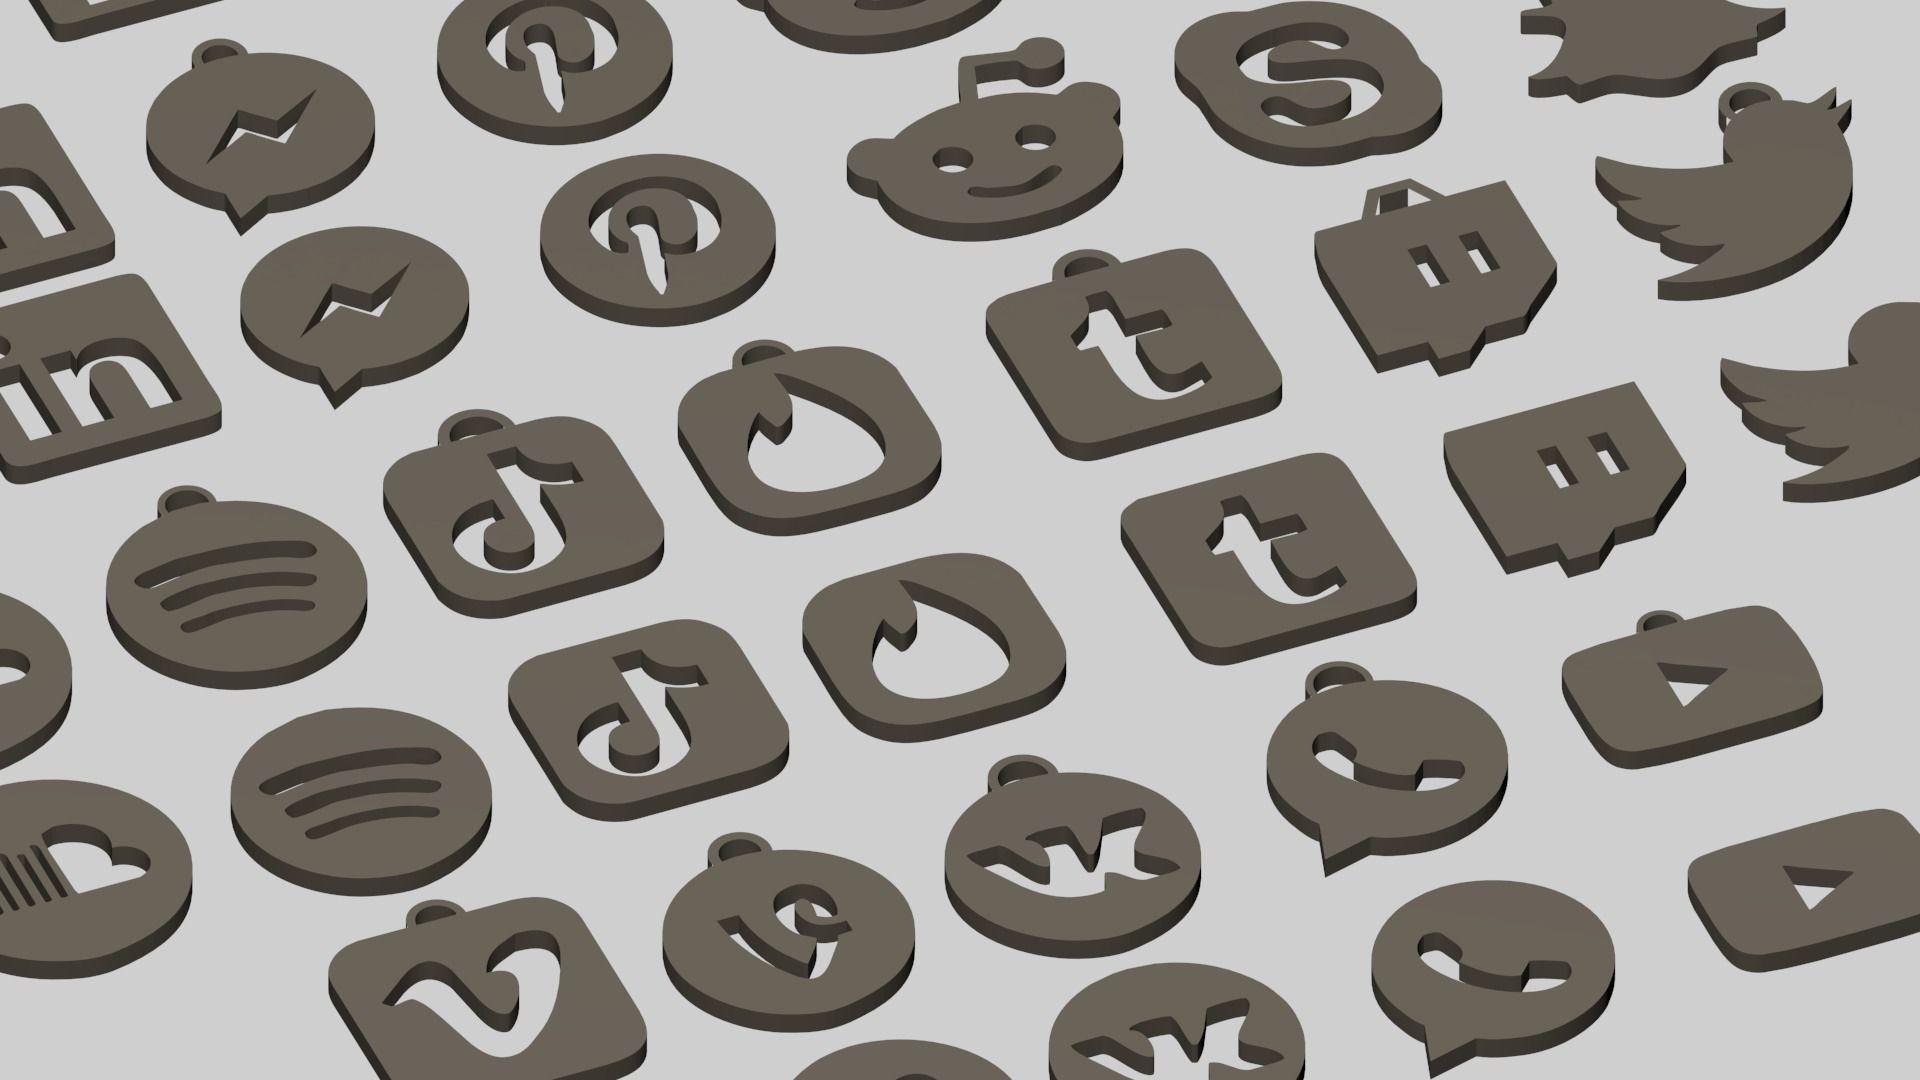 Social media and popular app logos keychain pack